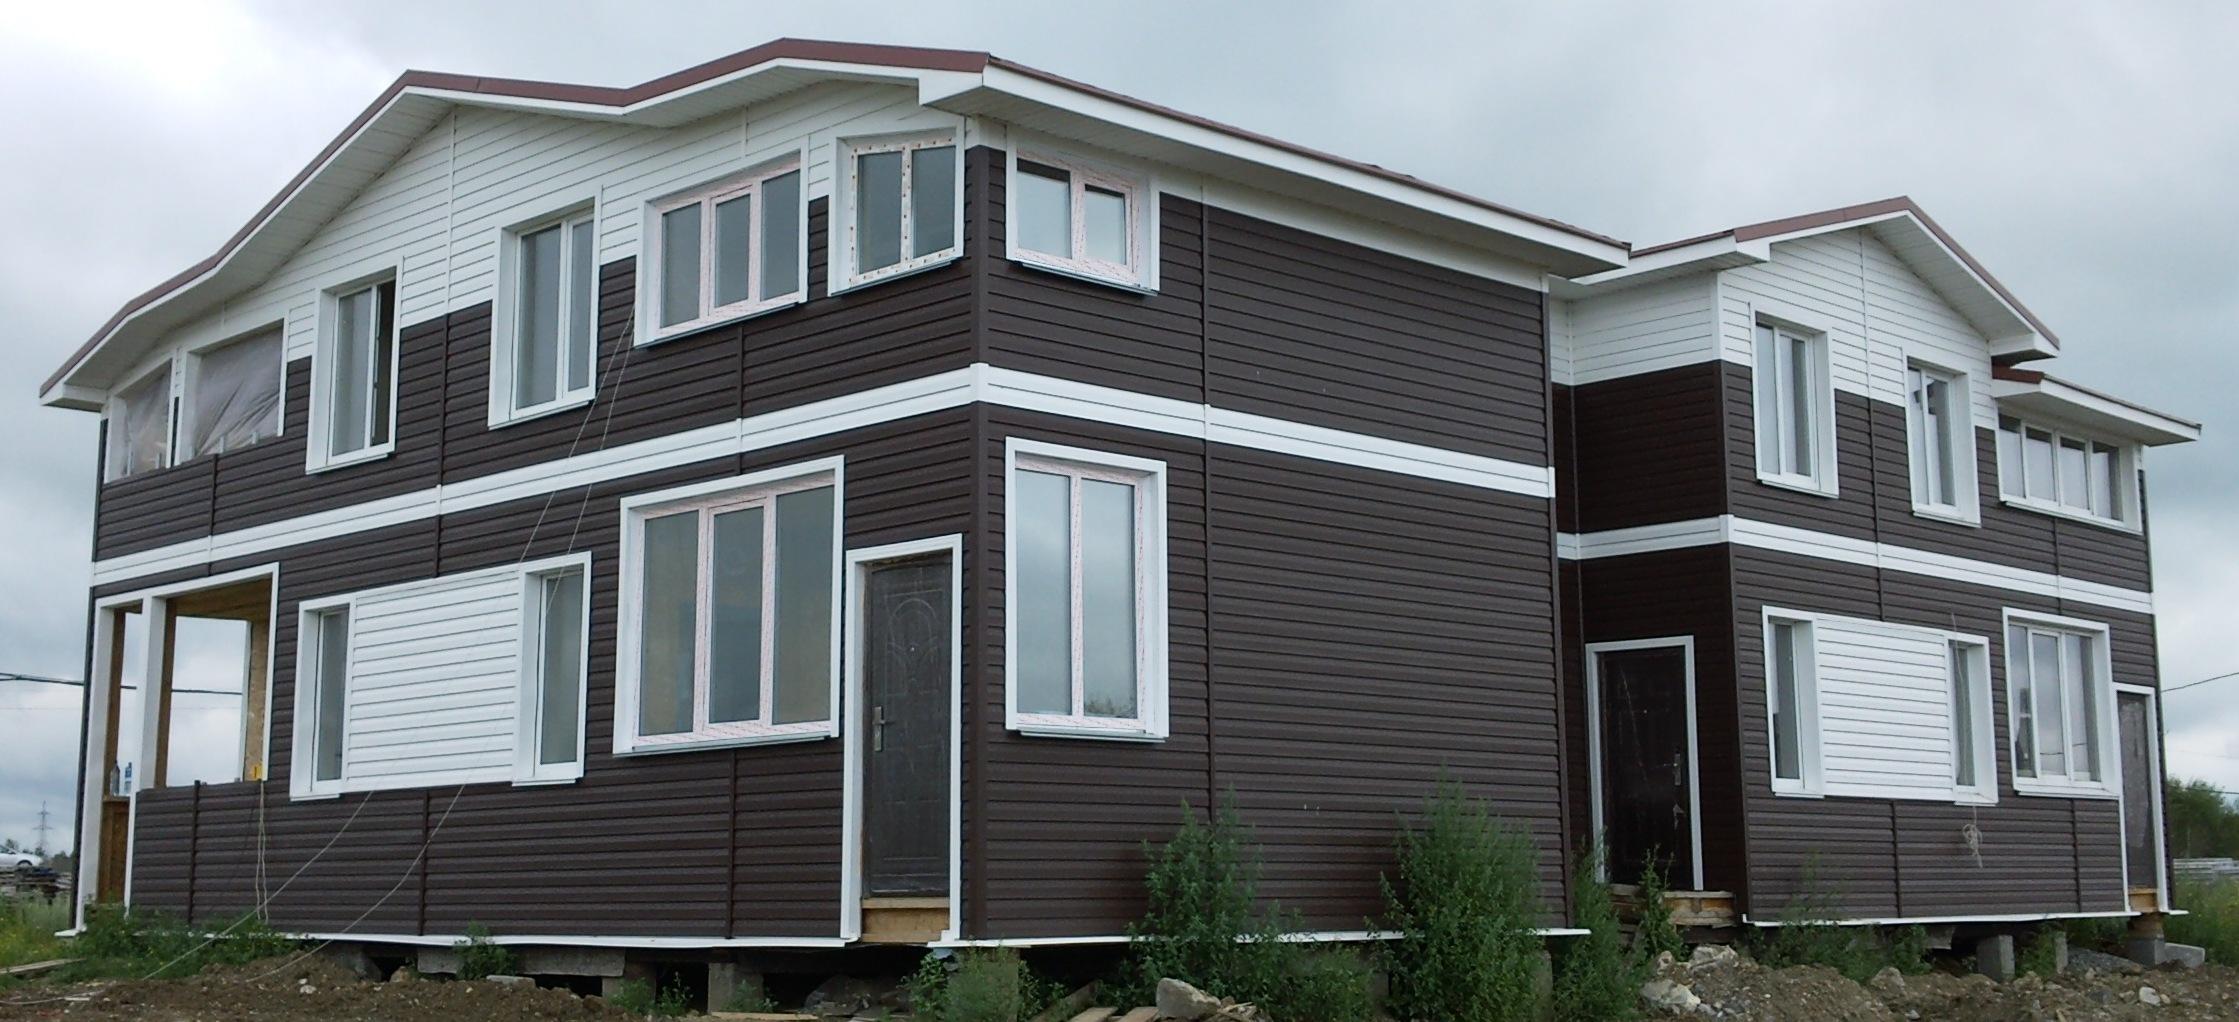 Дом с отделкой фасада виниловым сайдингом